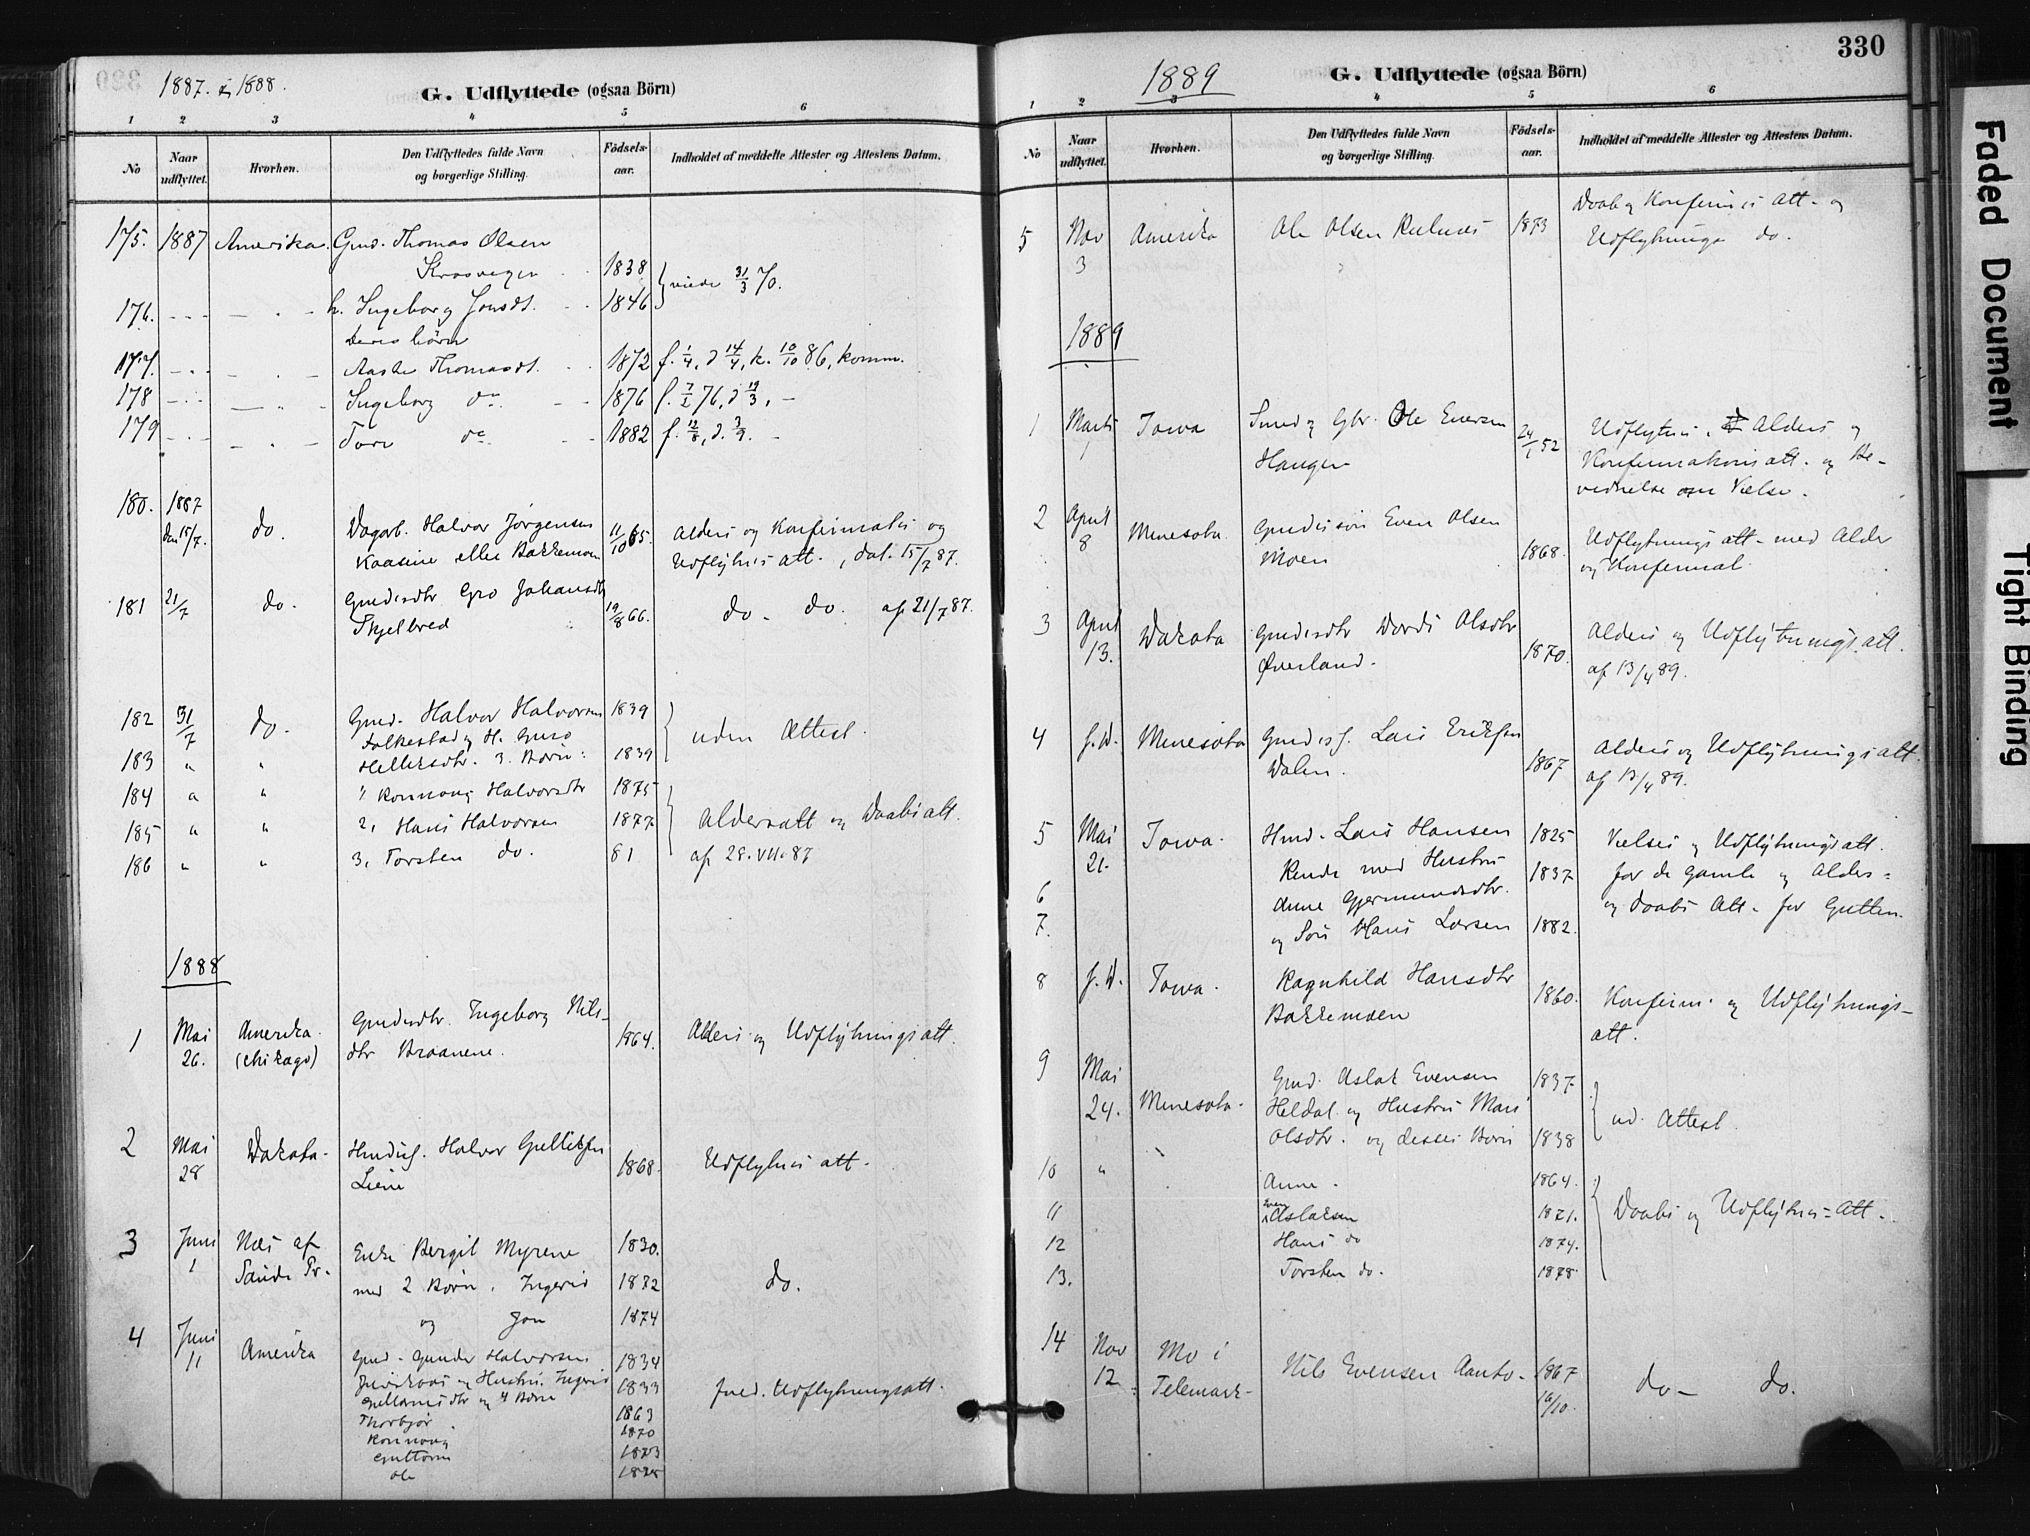 SAKO, Bø kirkebøker, F/Fa/L0010: Ministerialbok nr. 10, 1880-1892, s. 330